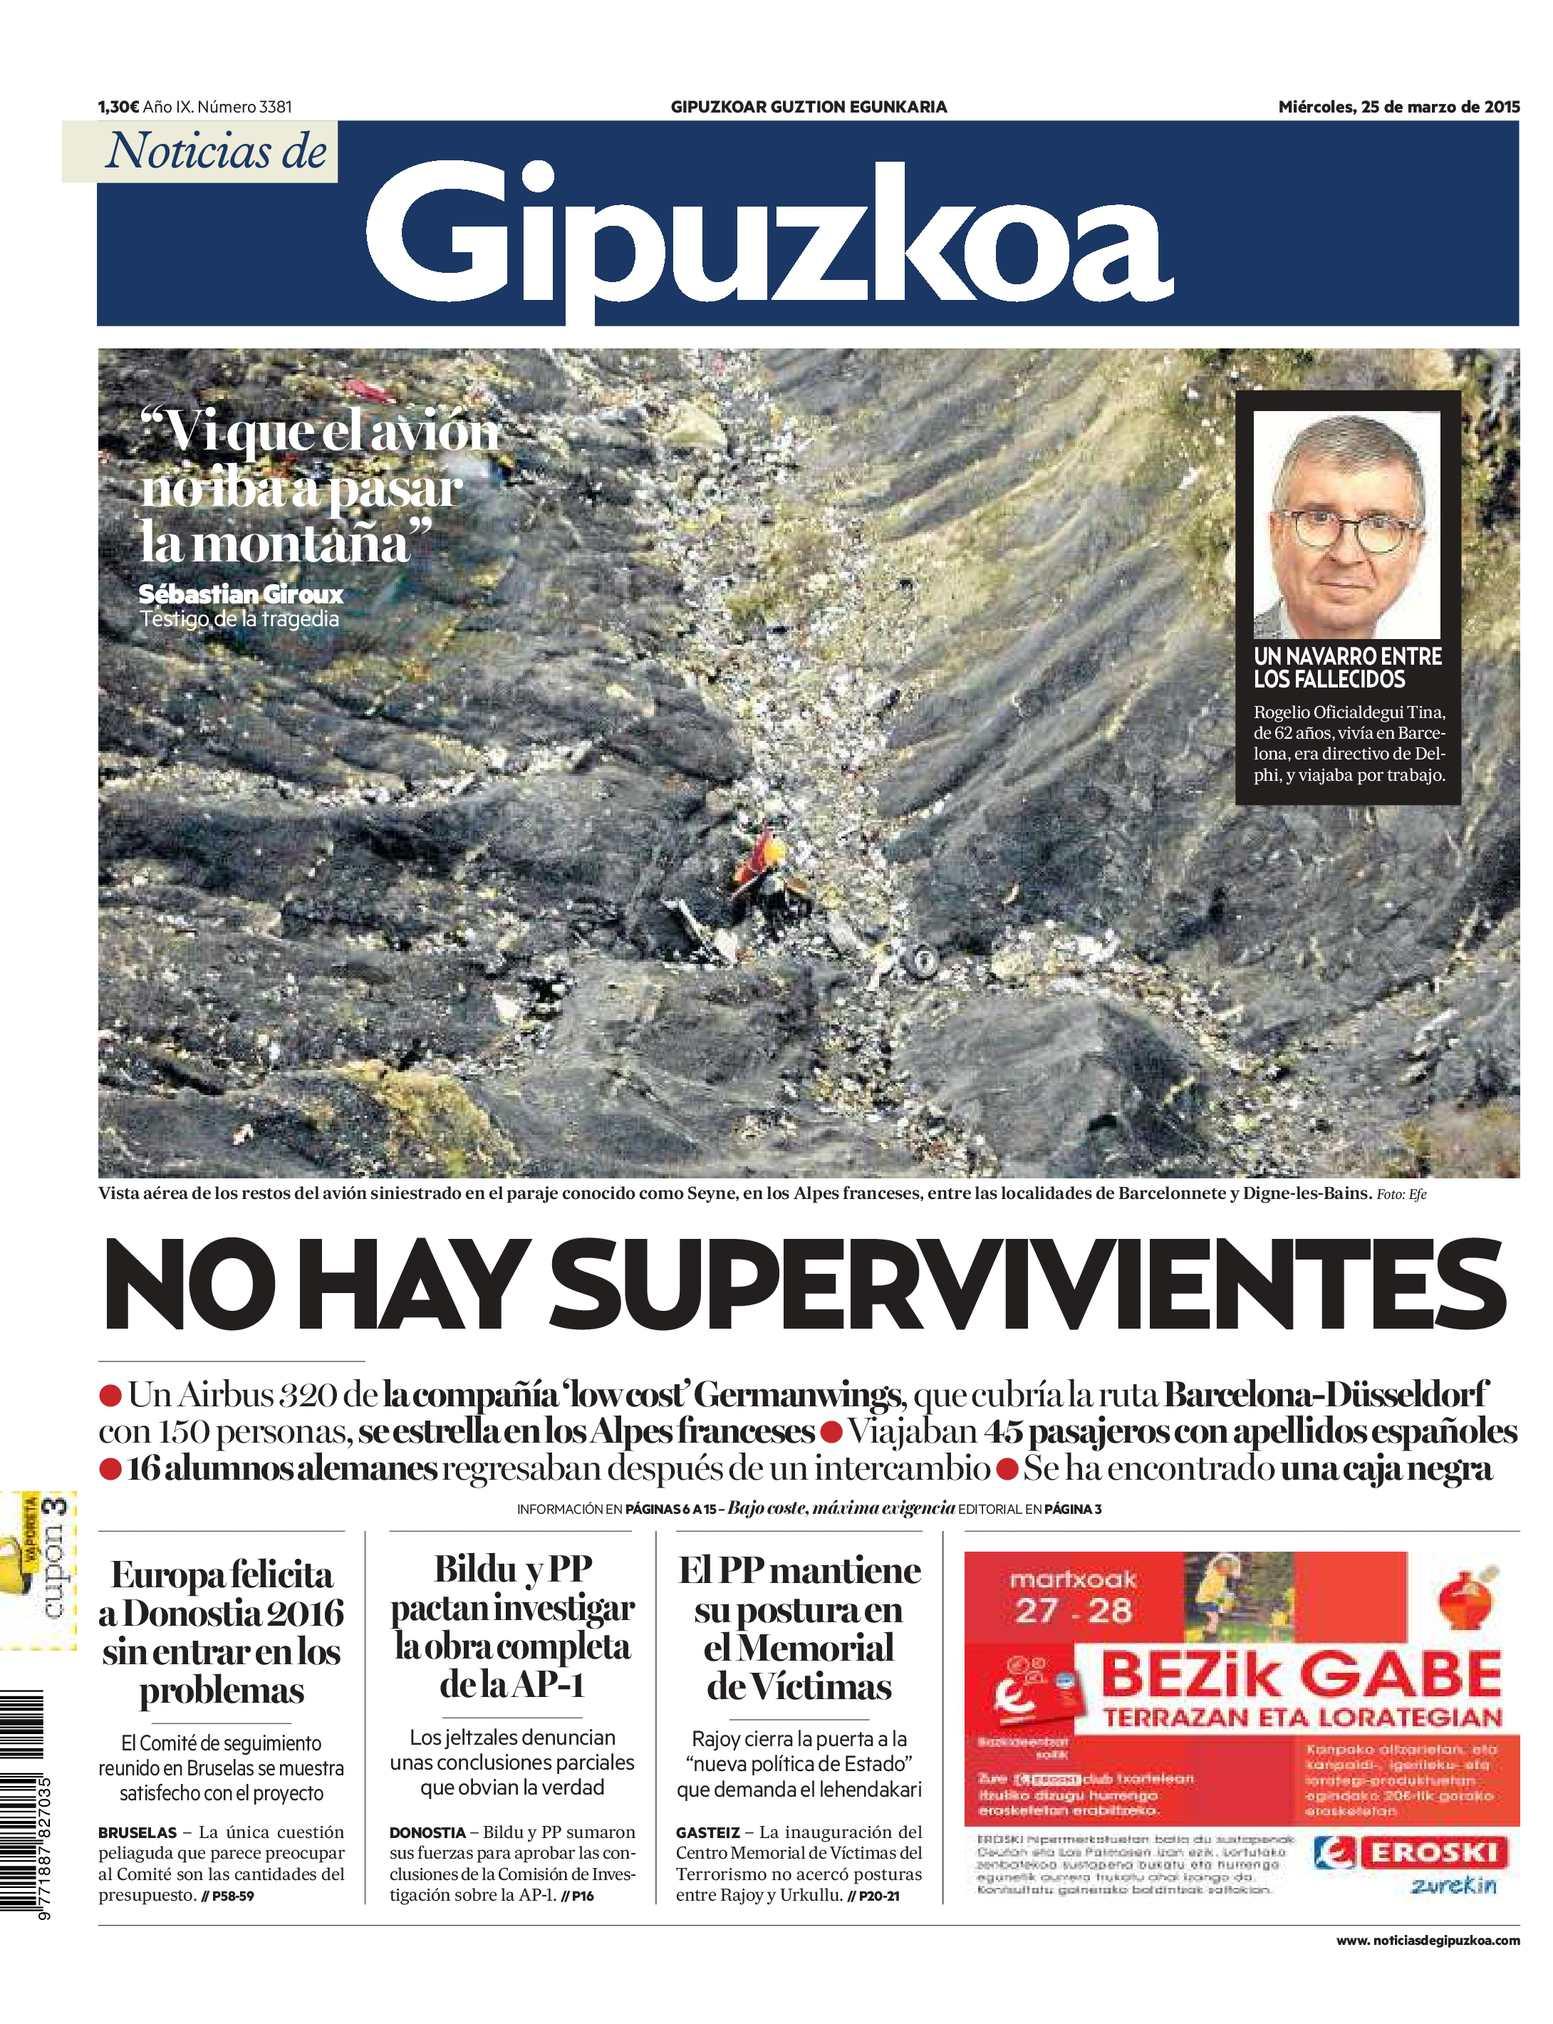 Calaméo - Noticias de Gipuzkoa 20150325